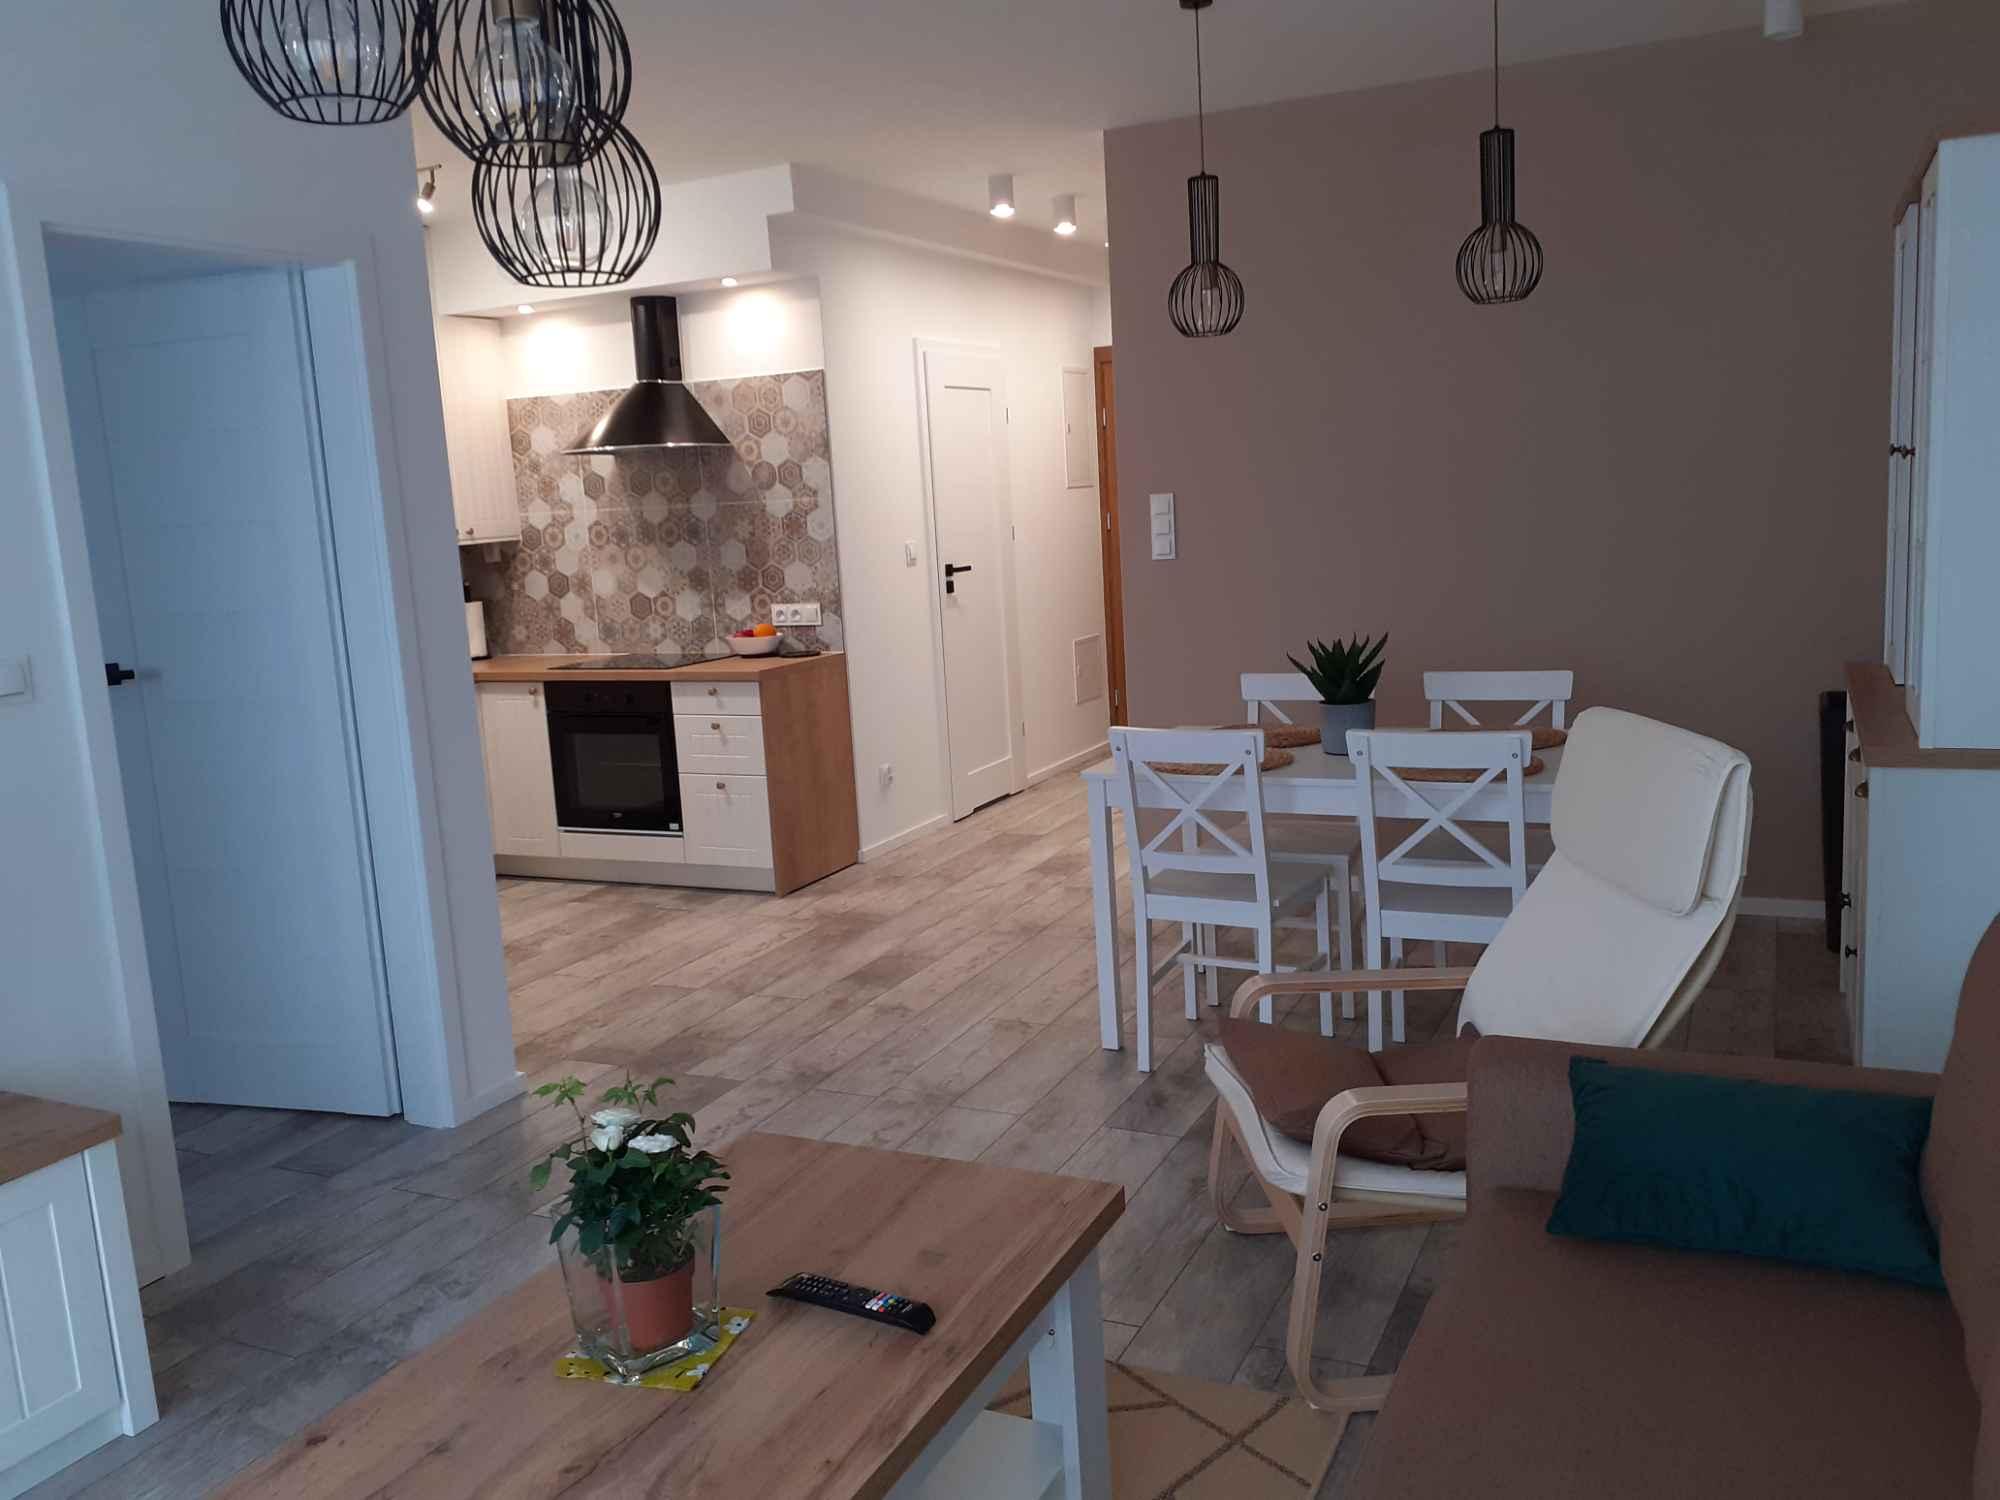 Wynajem mieszkania Krosno - zdjęcie 2